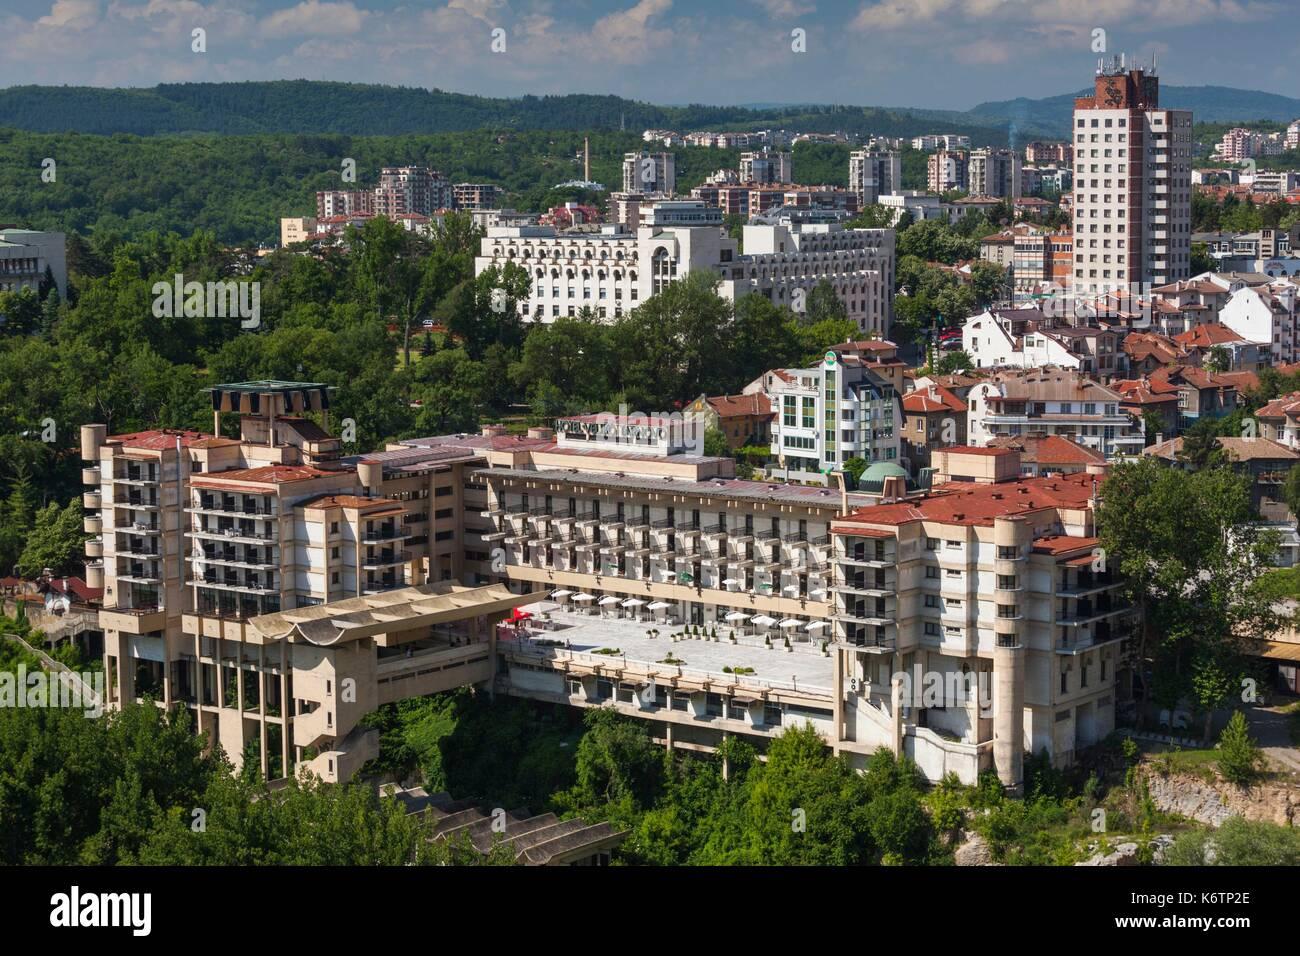 Bulgaria, Central Mountains, Veliko Tarnovo, New Town, elevated view Stock Photo